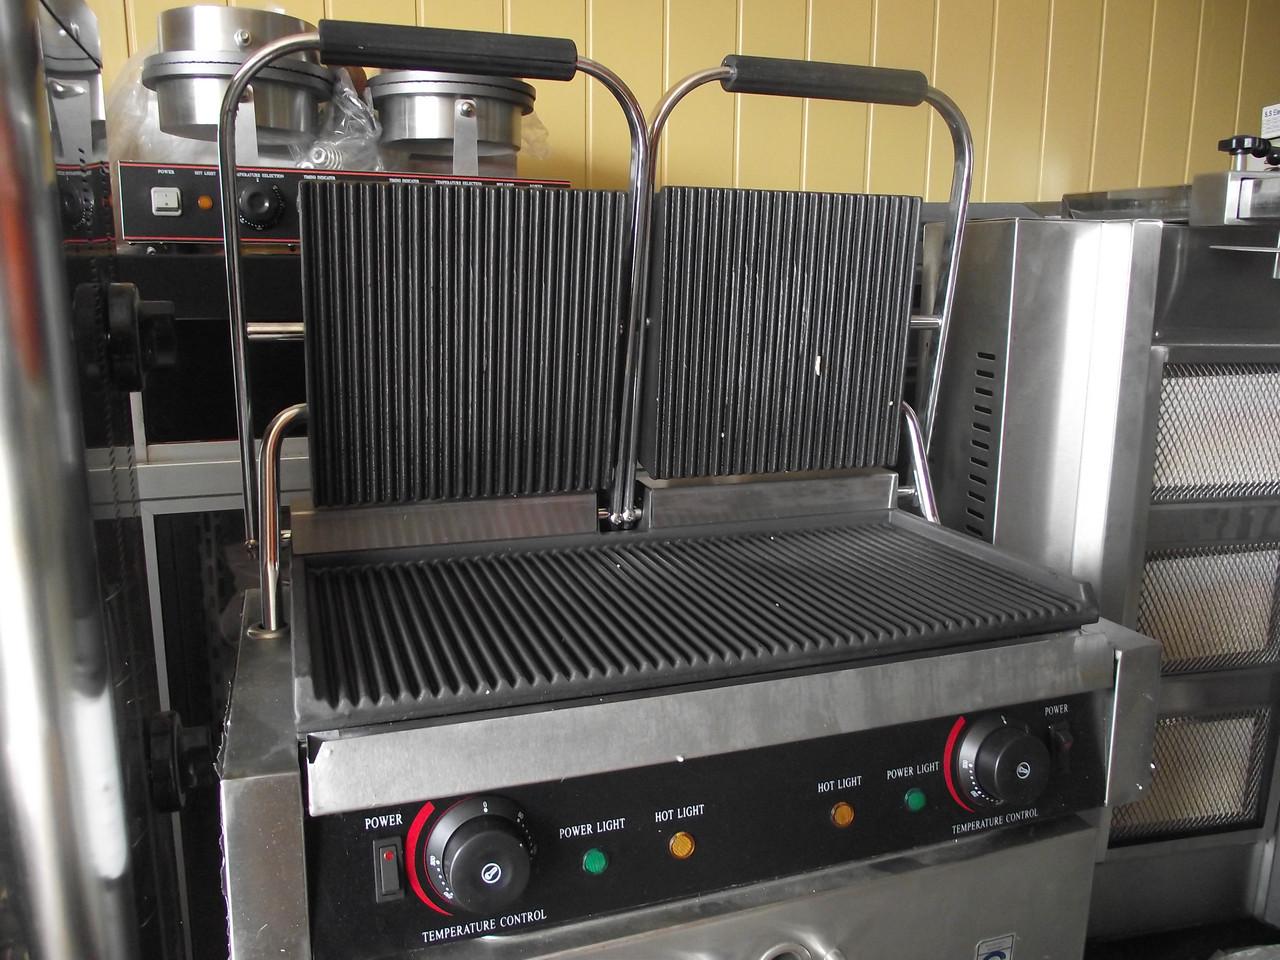 Гриль тостер (Гриль прижимной) гриль тостер VEKTOR EG-813 ( ребро/ребро)